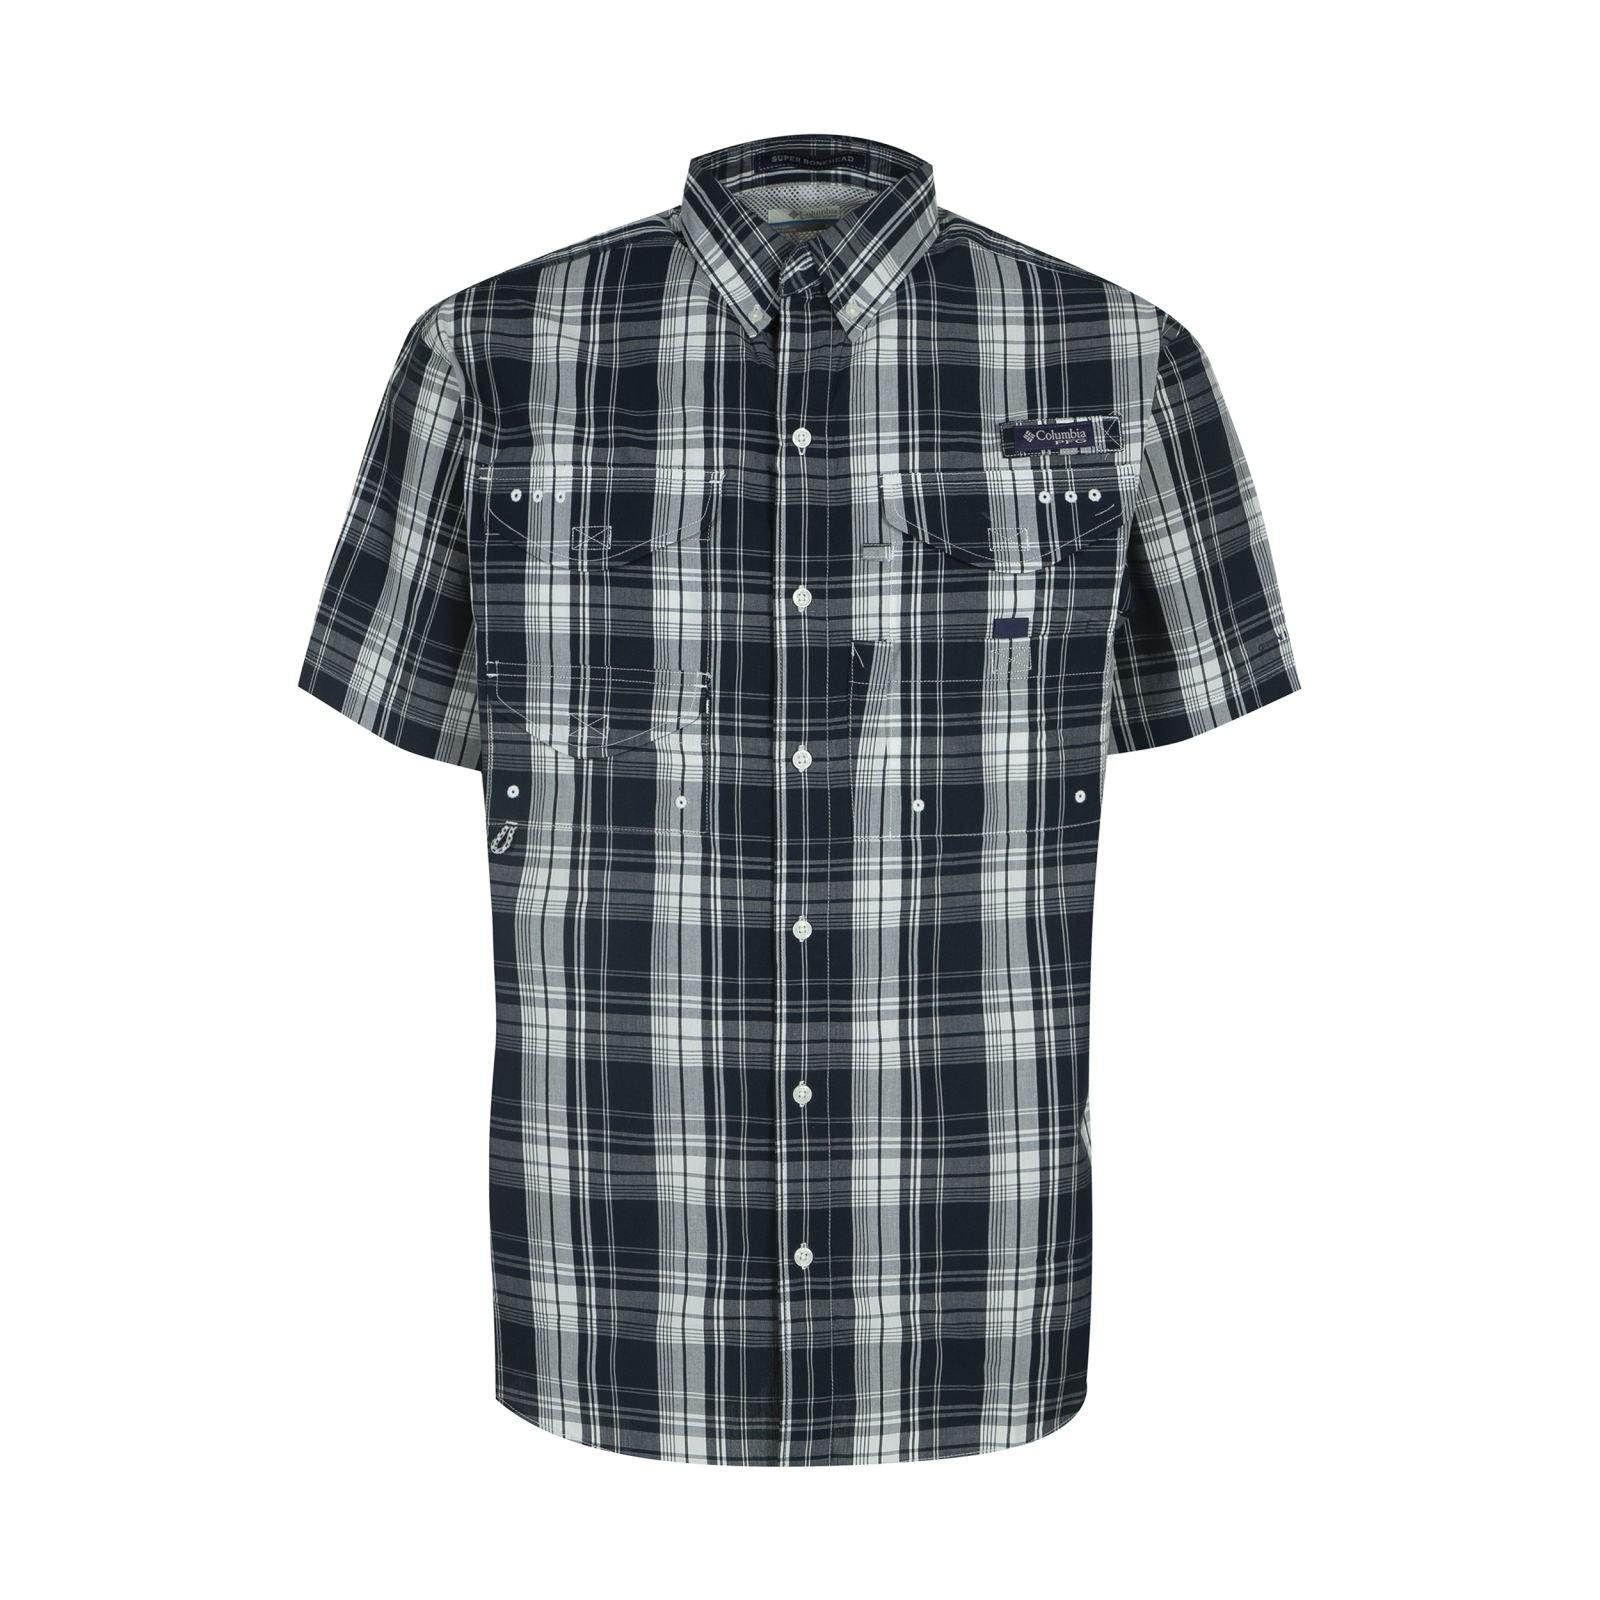 پیراهن آستین کوتاه مردانه کلمبیا مدل FM7272-468